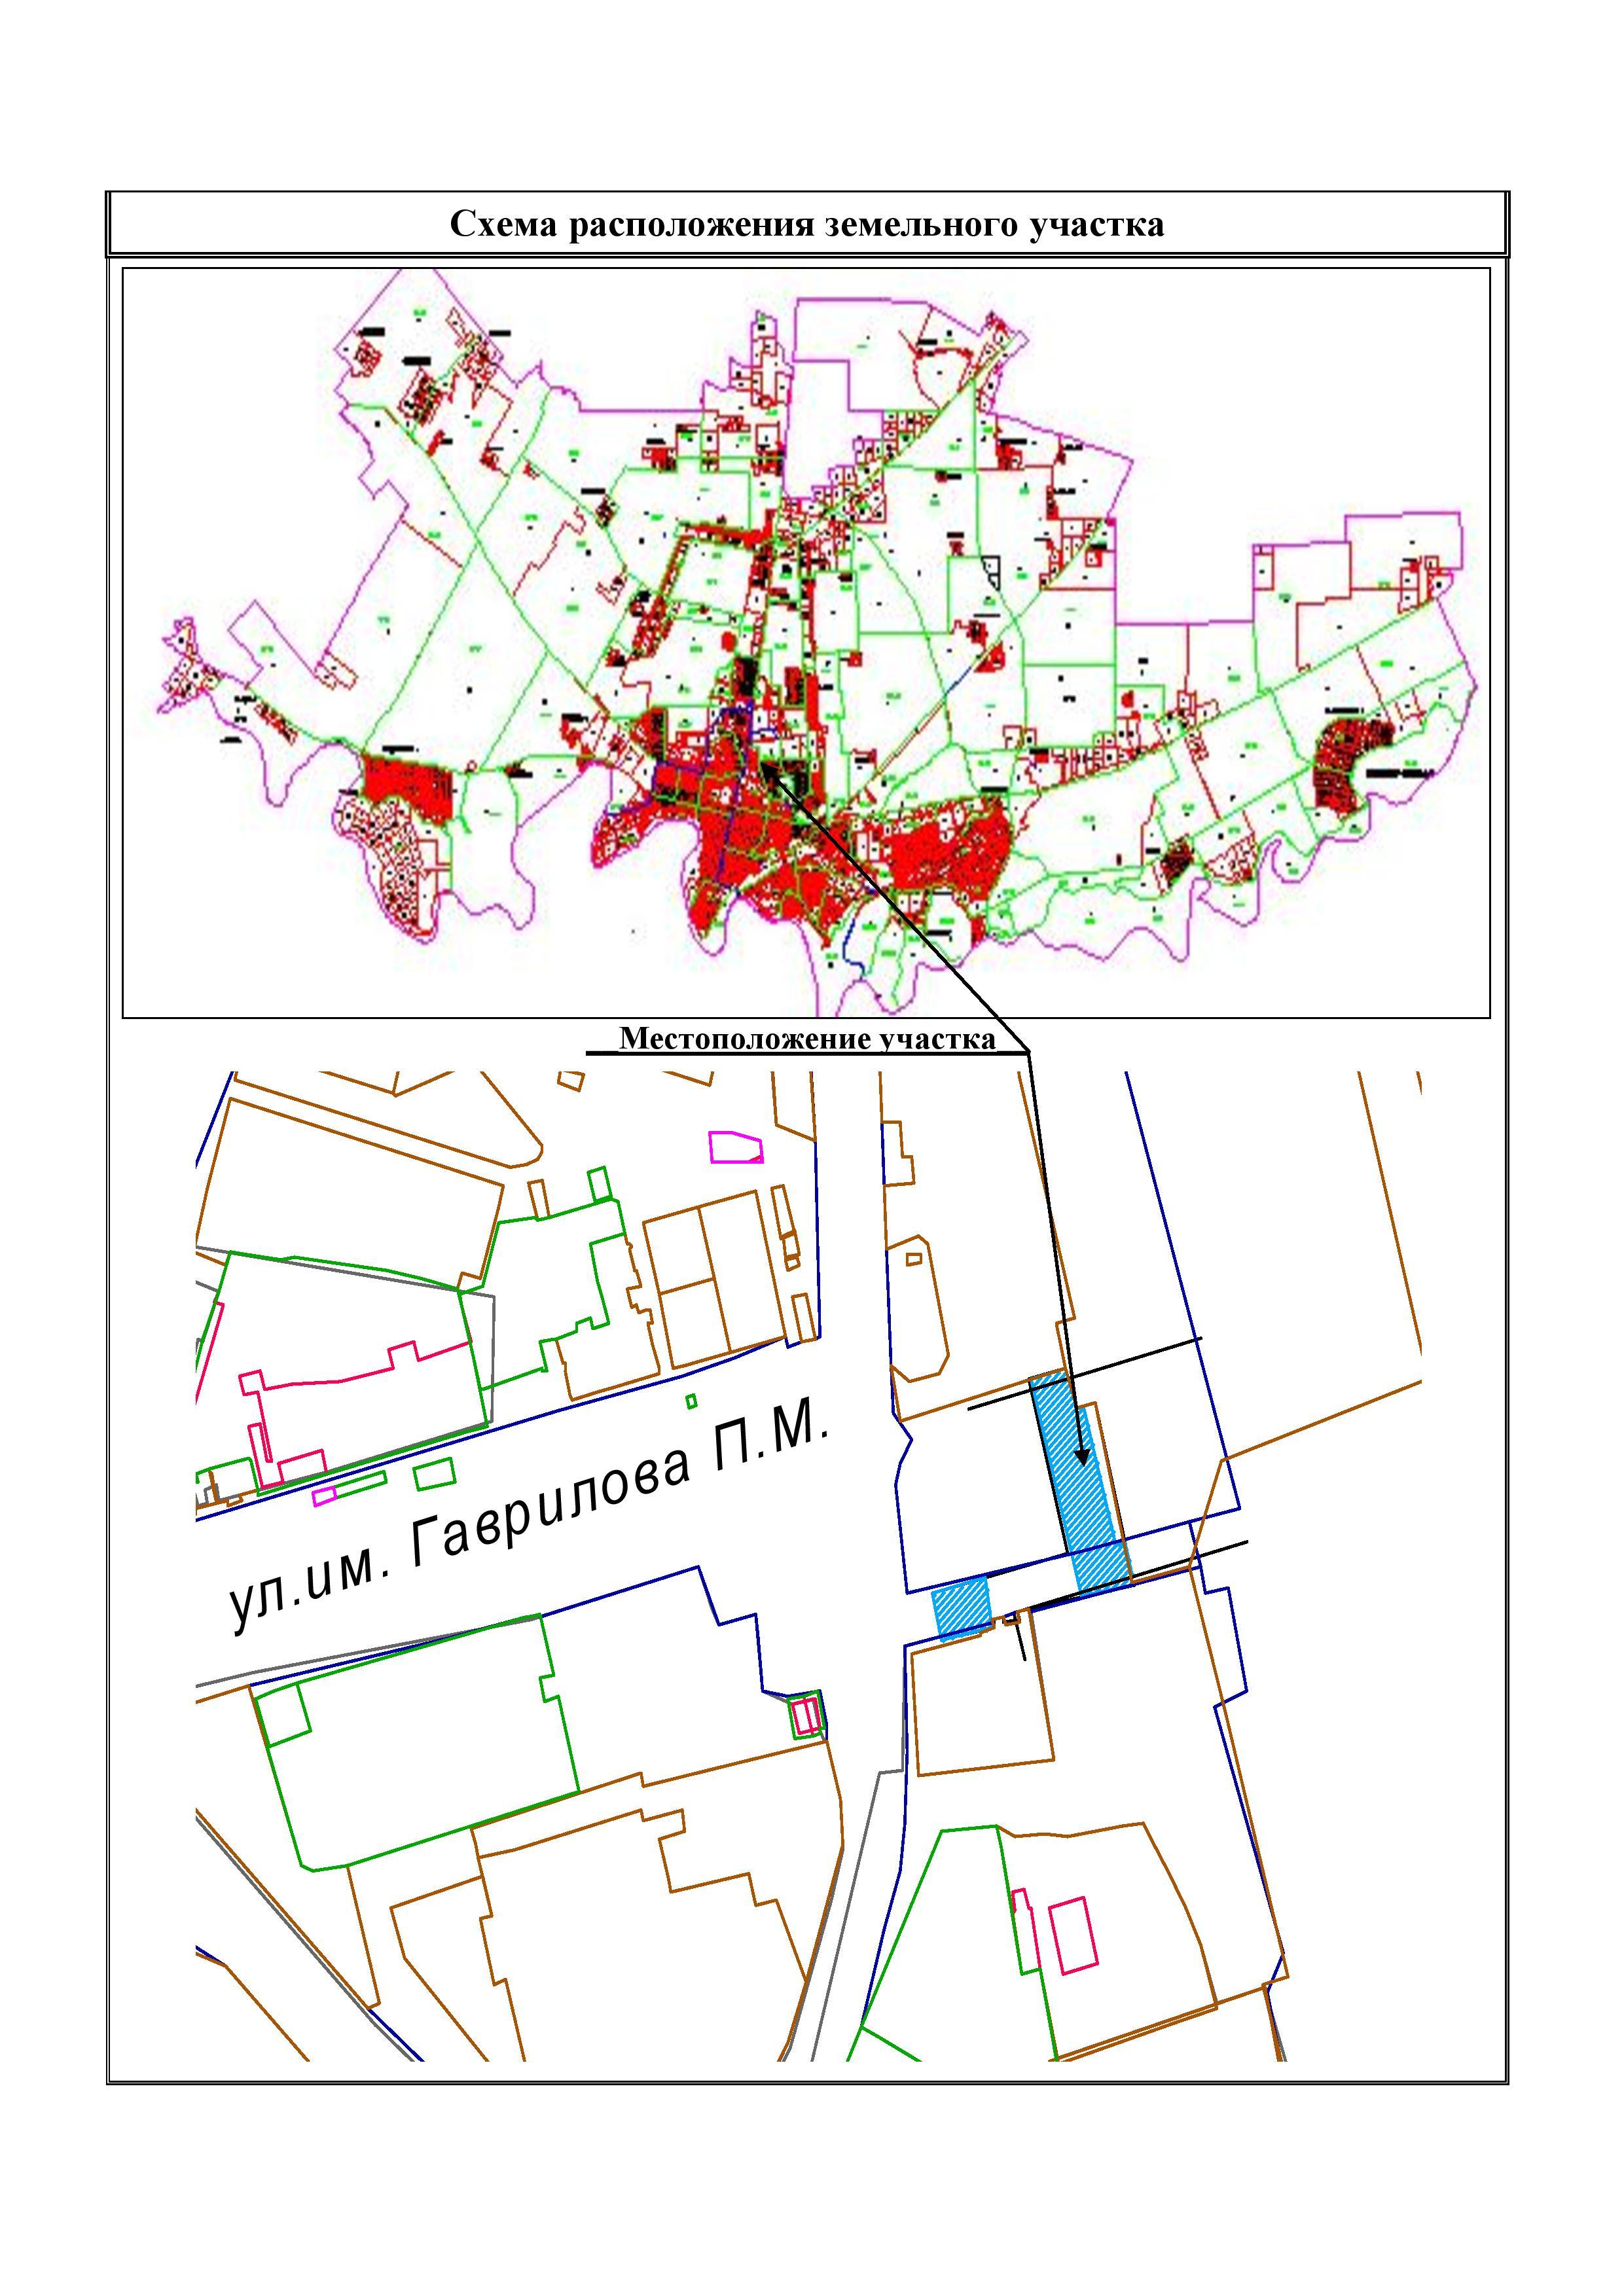 Электронная схема расположения земельного участка